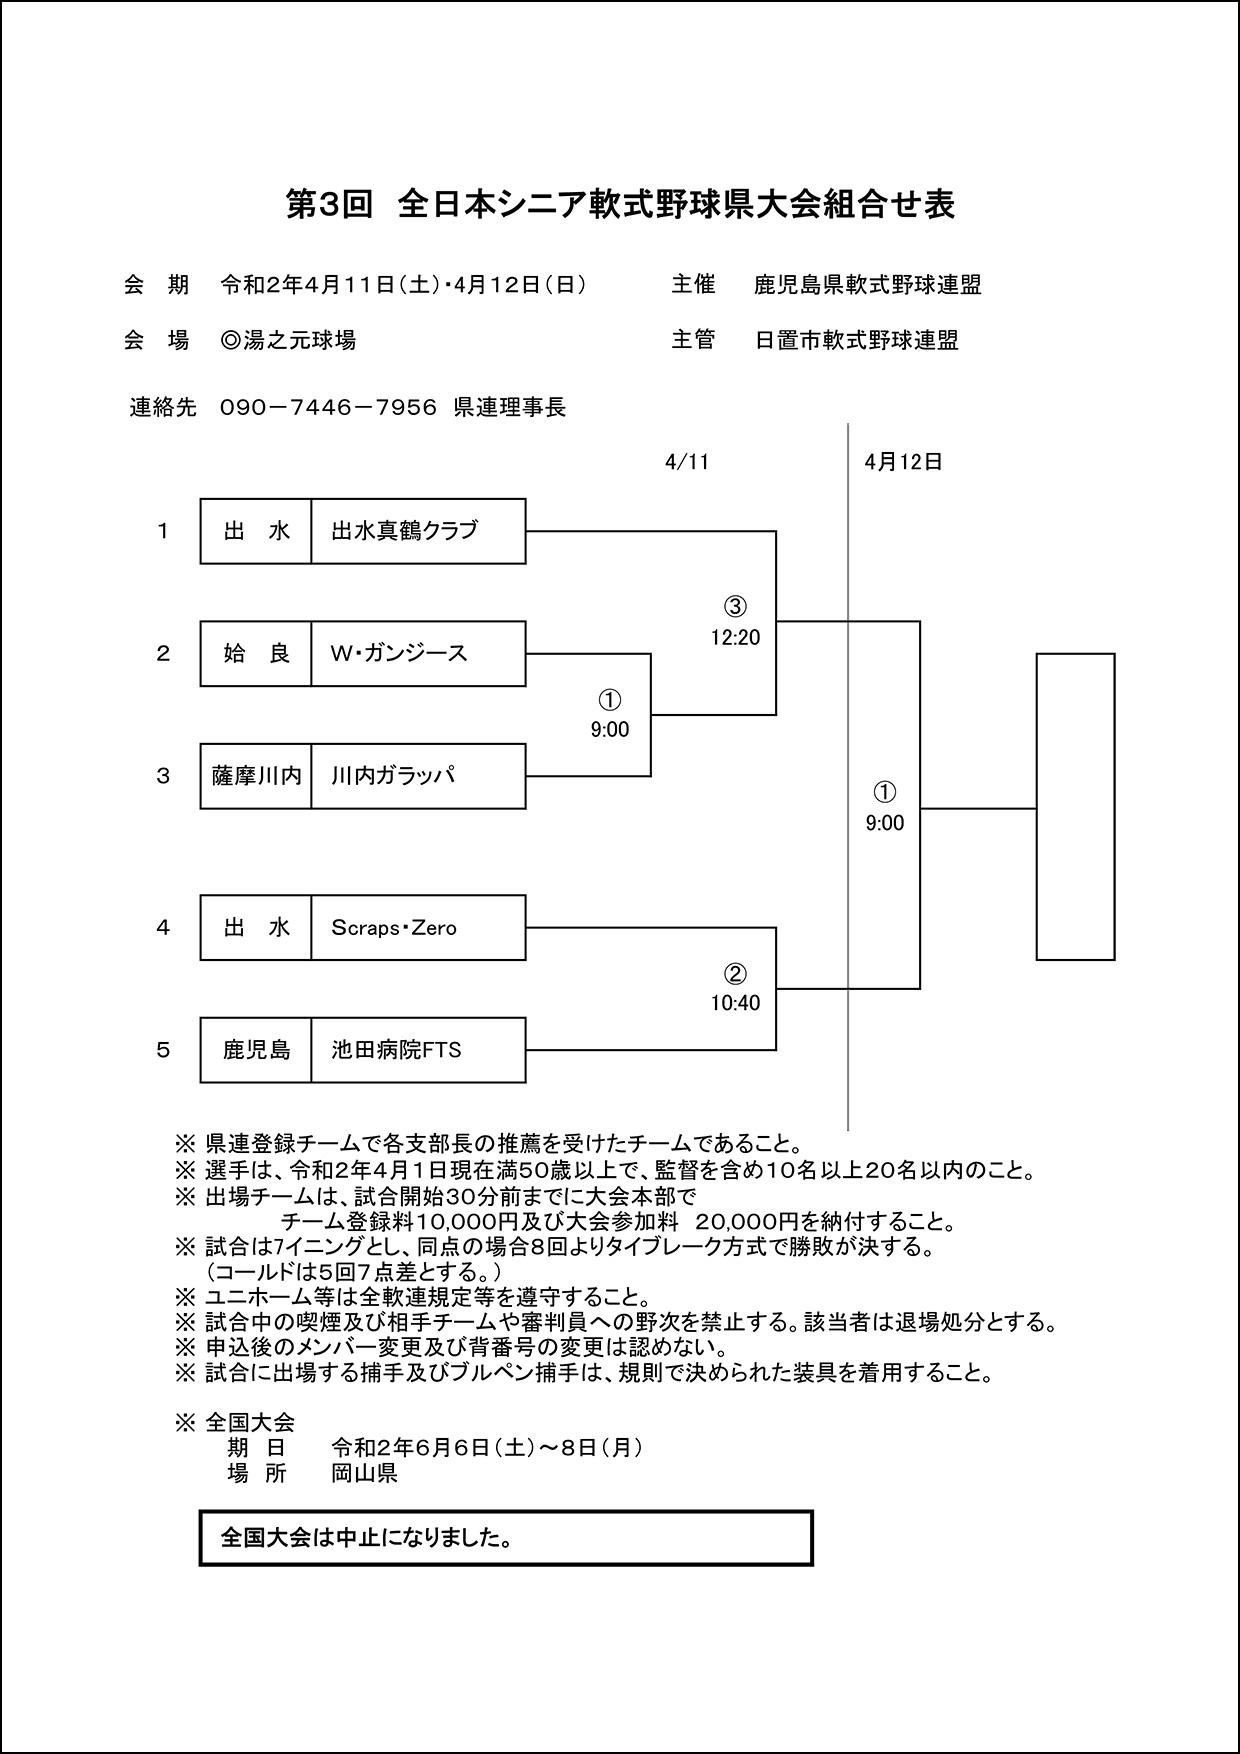 【組合せ】第3回全日本シニア軟式野球県大会